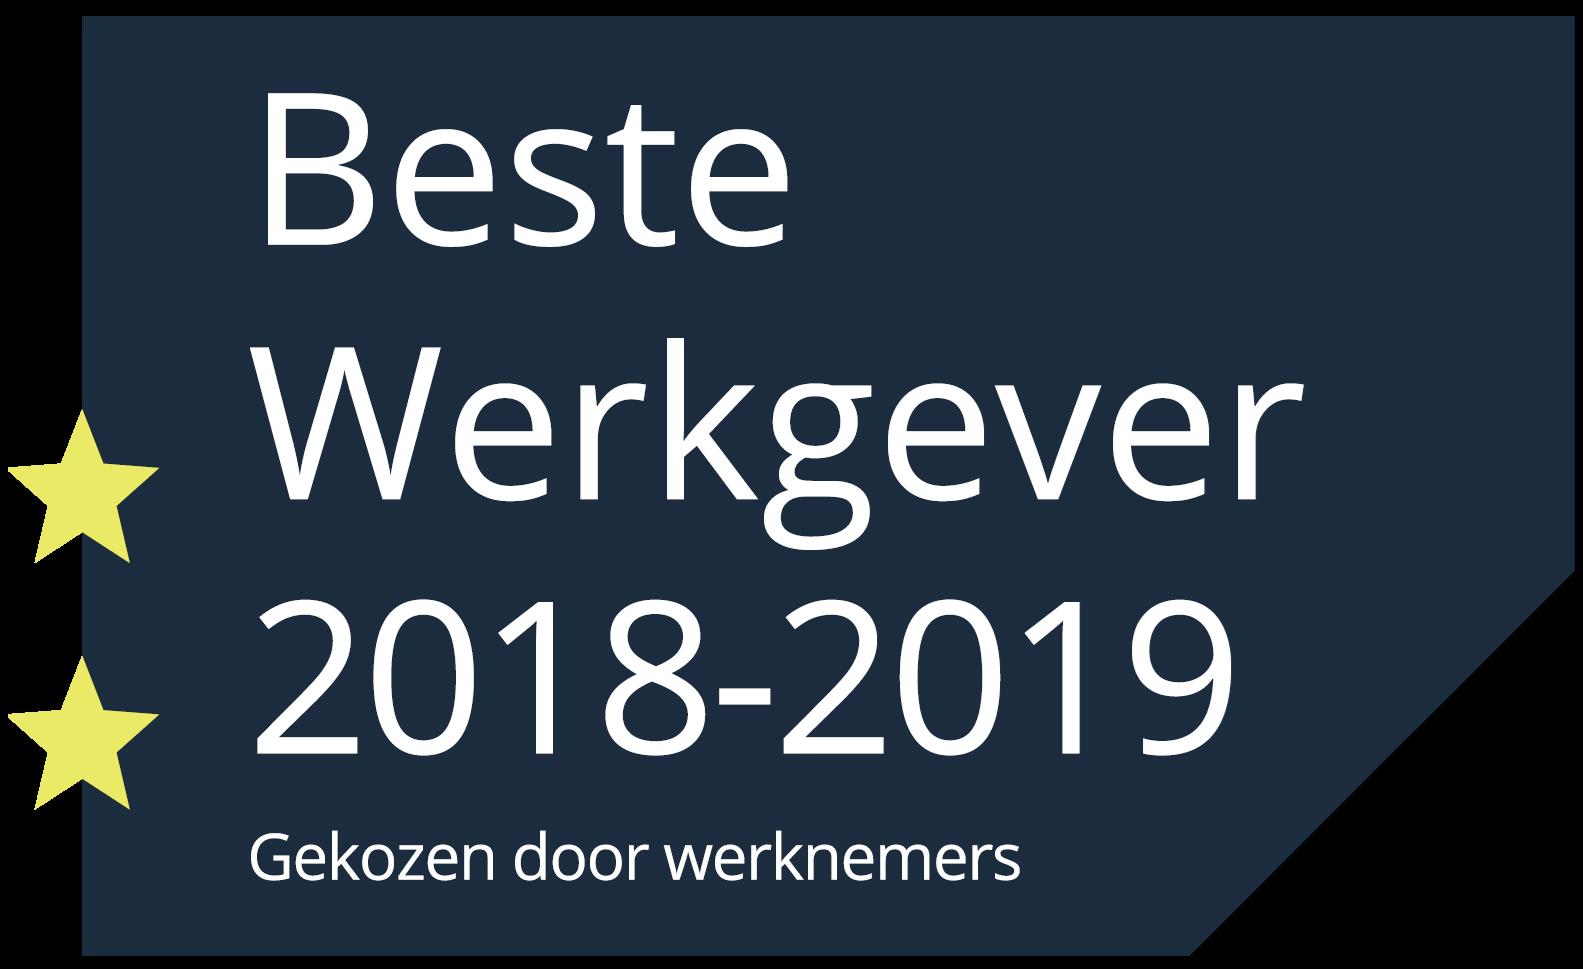 hotel okura amsterdam keurmerk beste werkgever 2018 2019. Black Bedroom Furniture Sets. Home Design Ideas